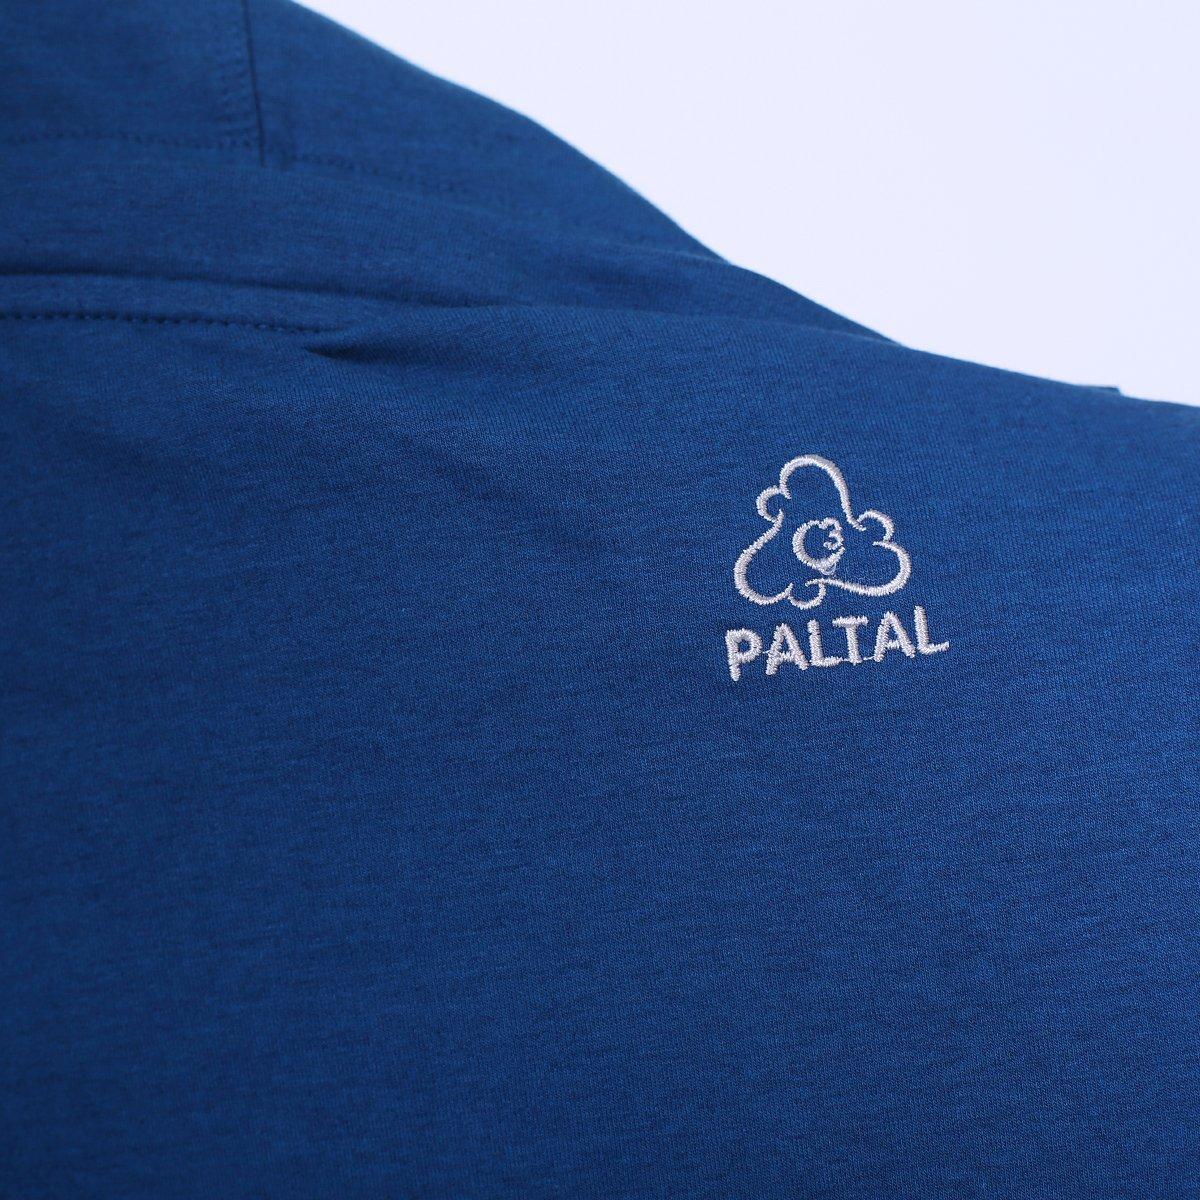 Áo khoác c3 cao cấp có nón chống tia tử ngoại uv akcn 401p 1024